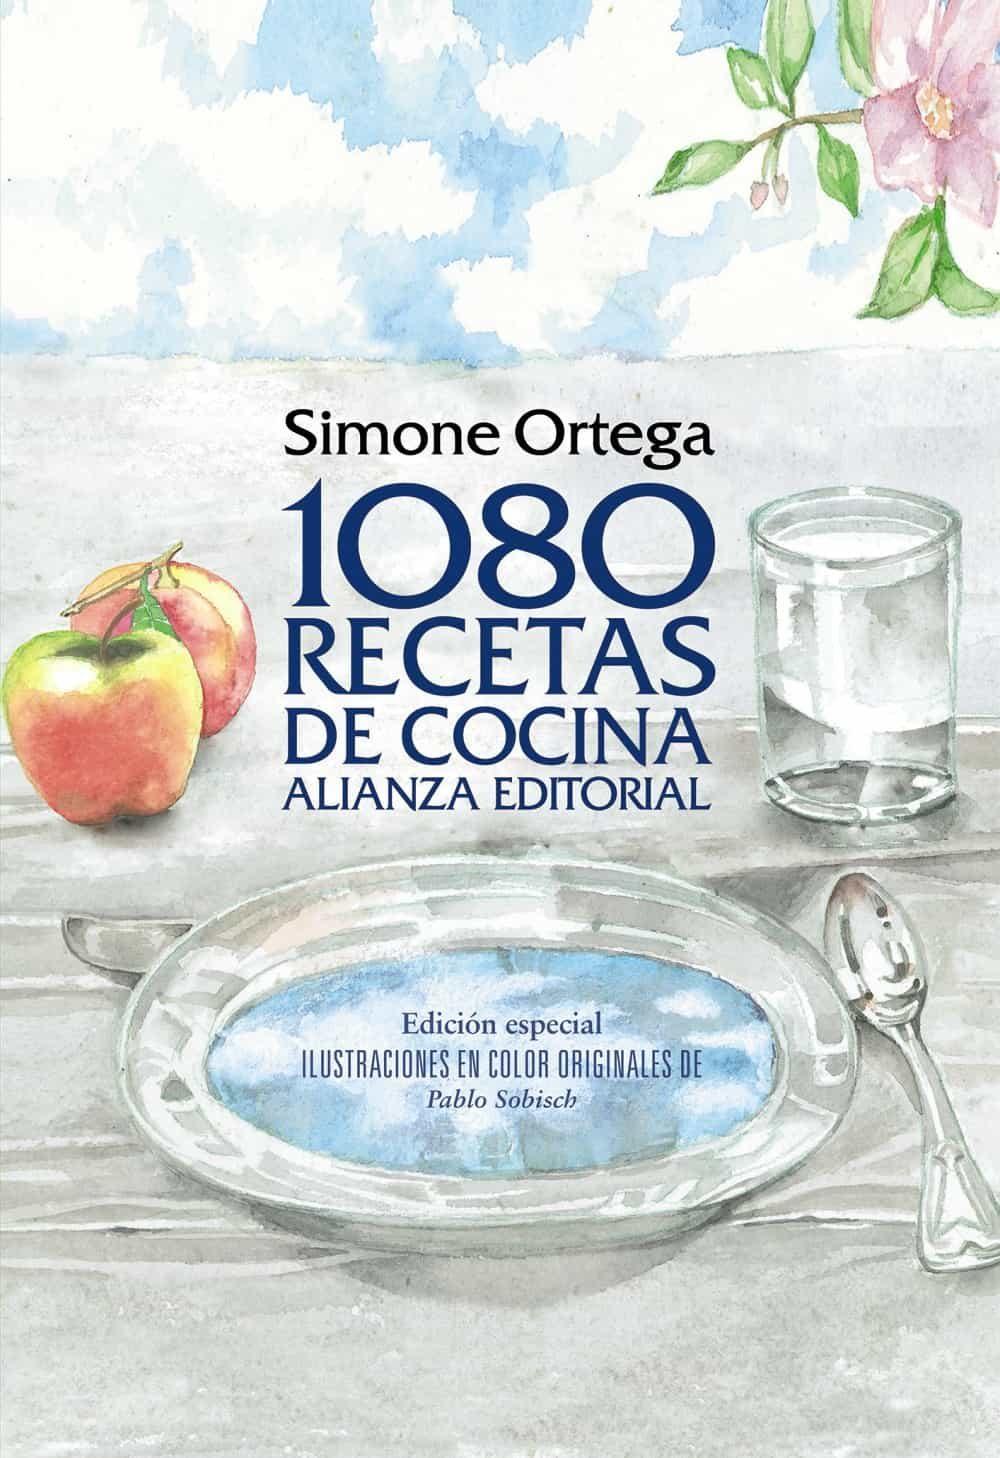 1080 RECETAS DE COCINA  SIMONE ORTEGA  Comprar libro